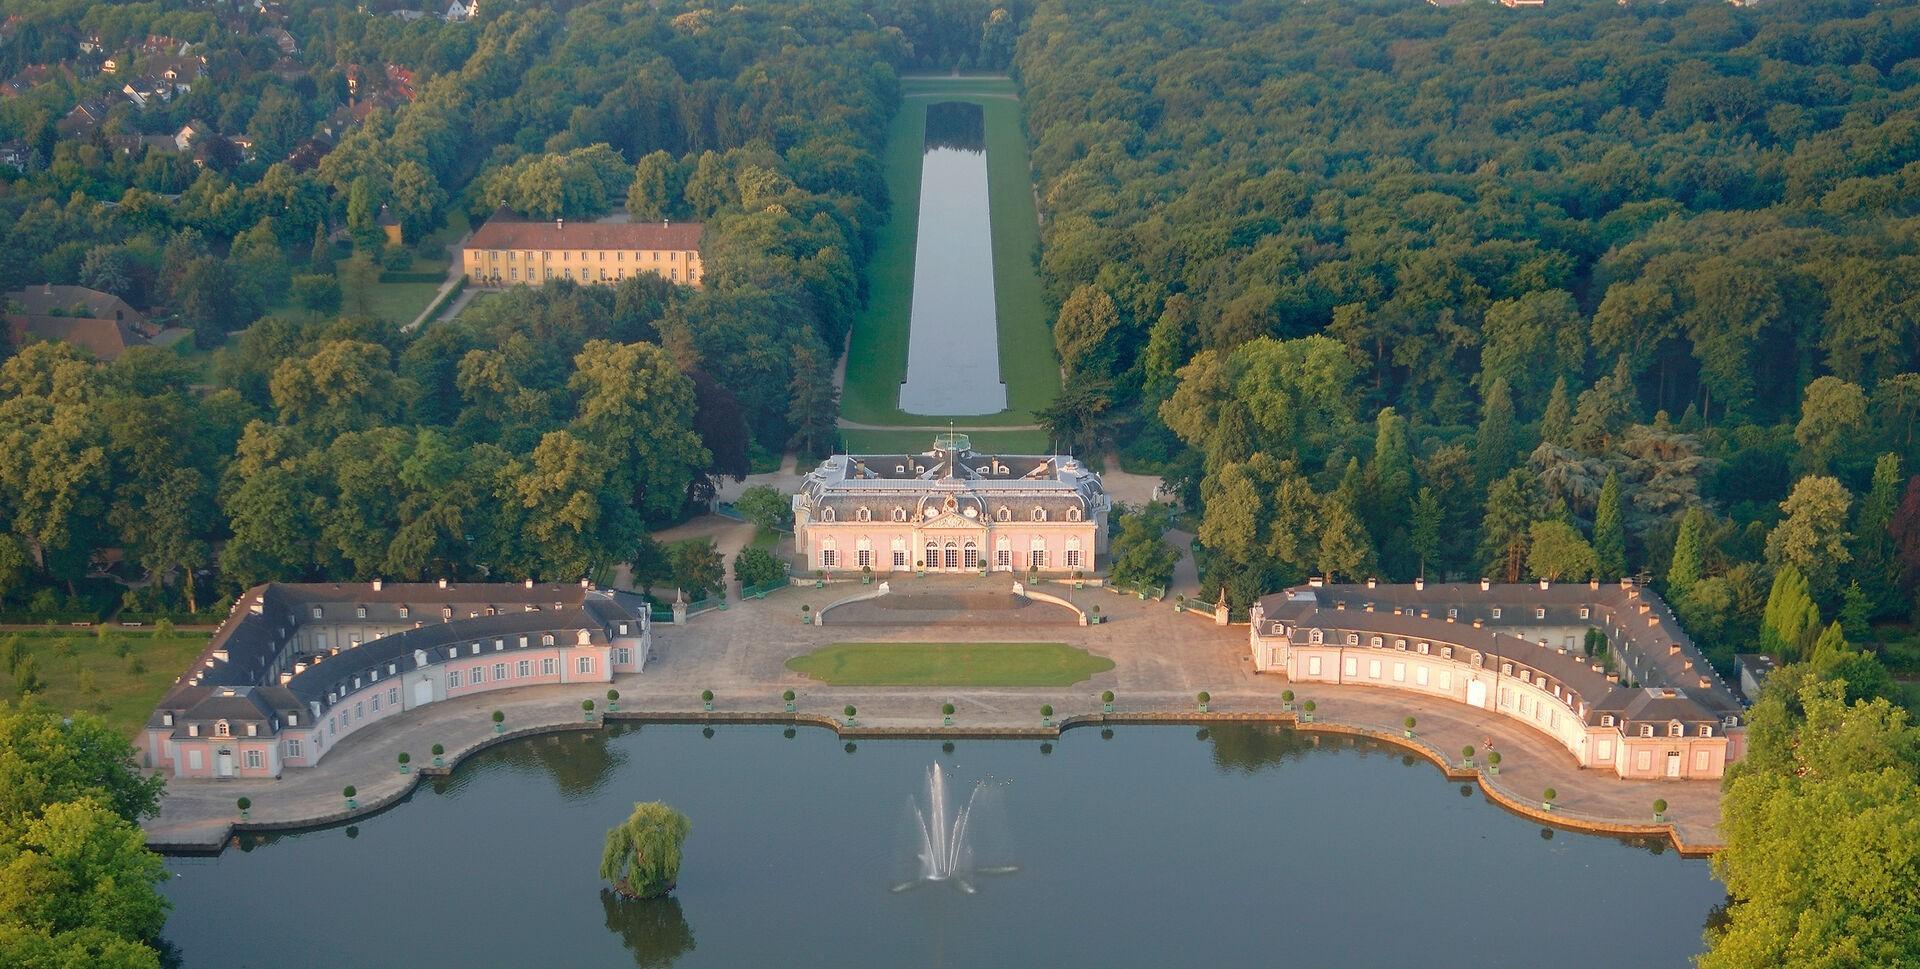 Schloss_Benrath_Luftaufnahme_3